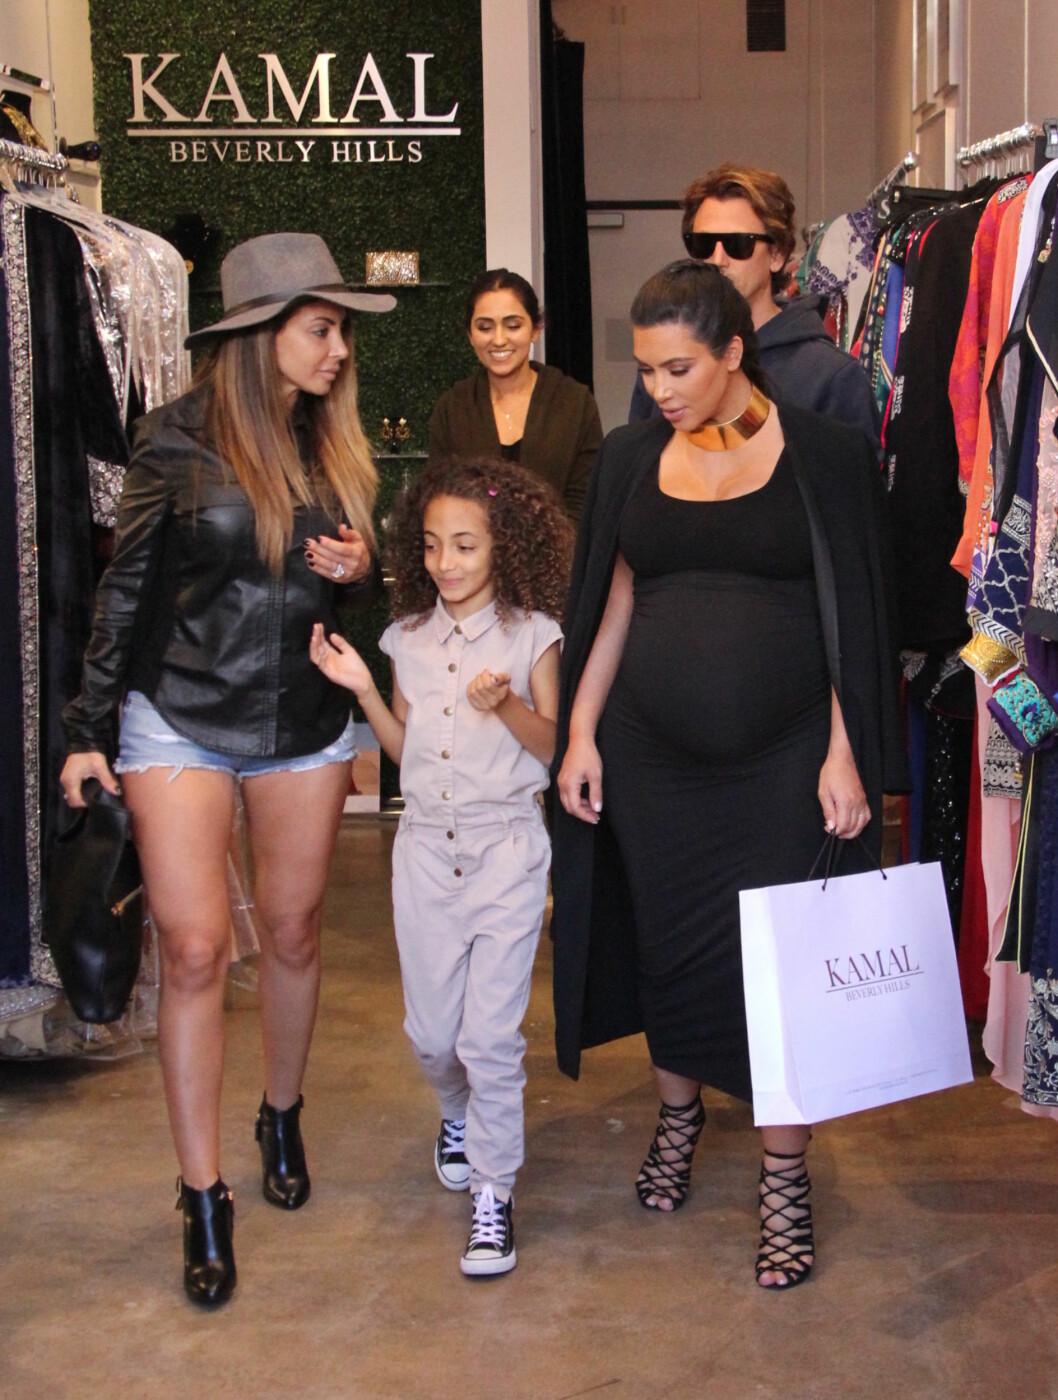 MOT SLUTTEN: Høygravide Kim Kardashian med Jonathan Cheban og en venninne på shopping. Foto: wenn.com